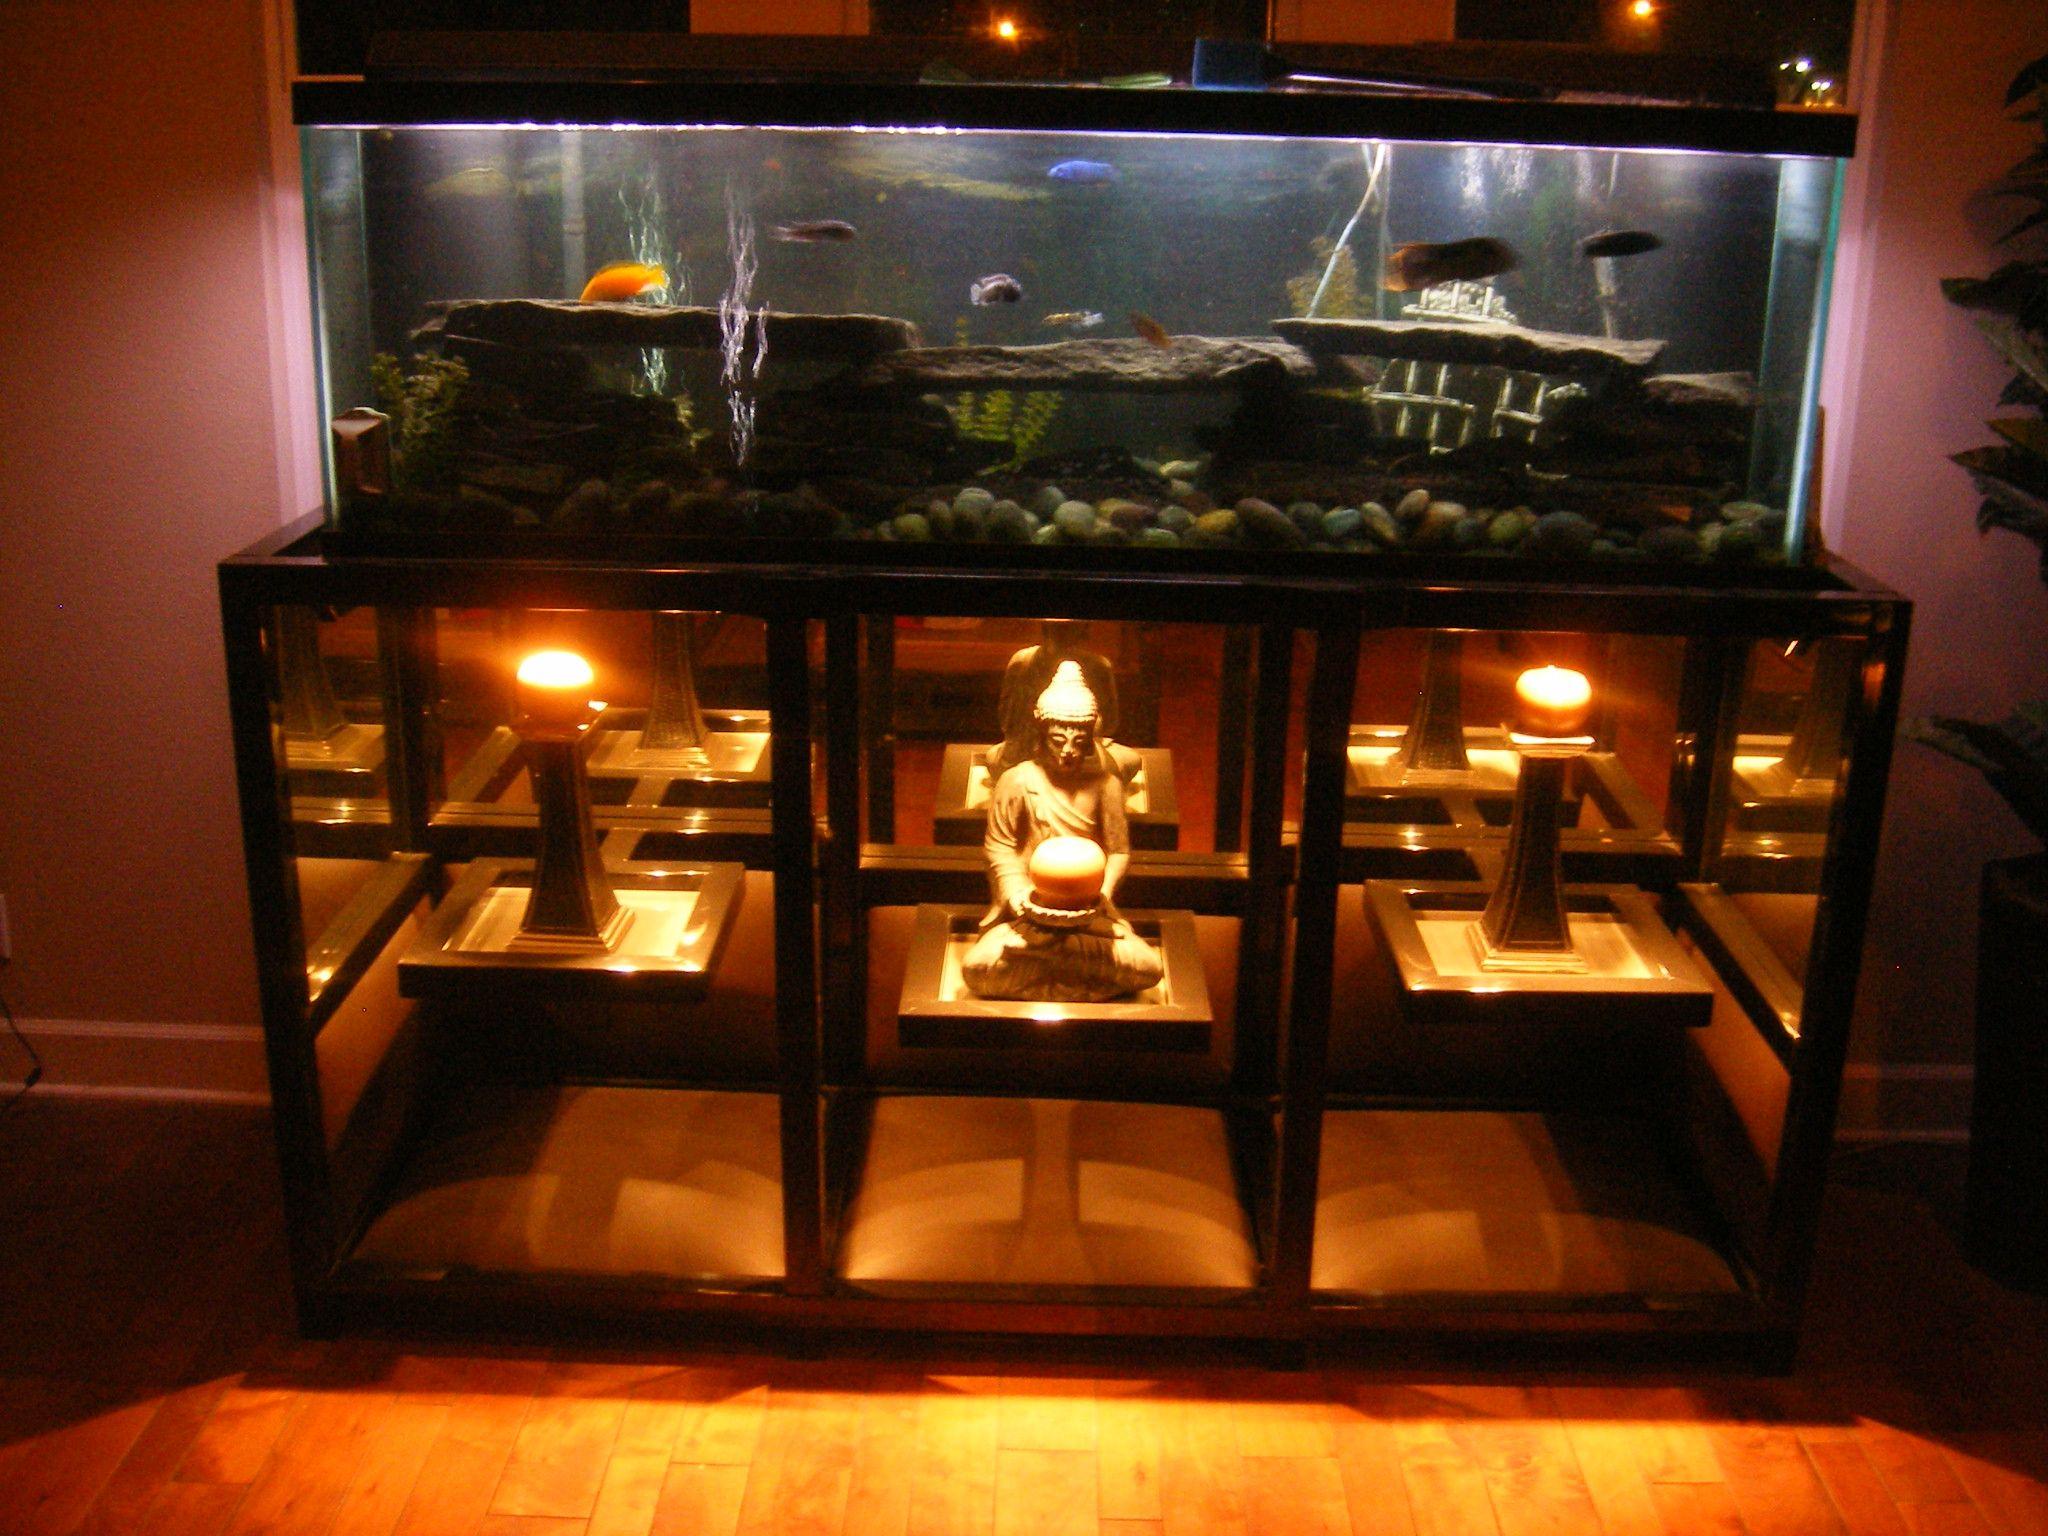 9 best Aquarium images on Pinterest